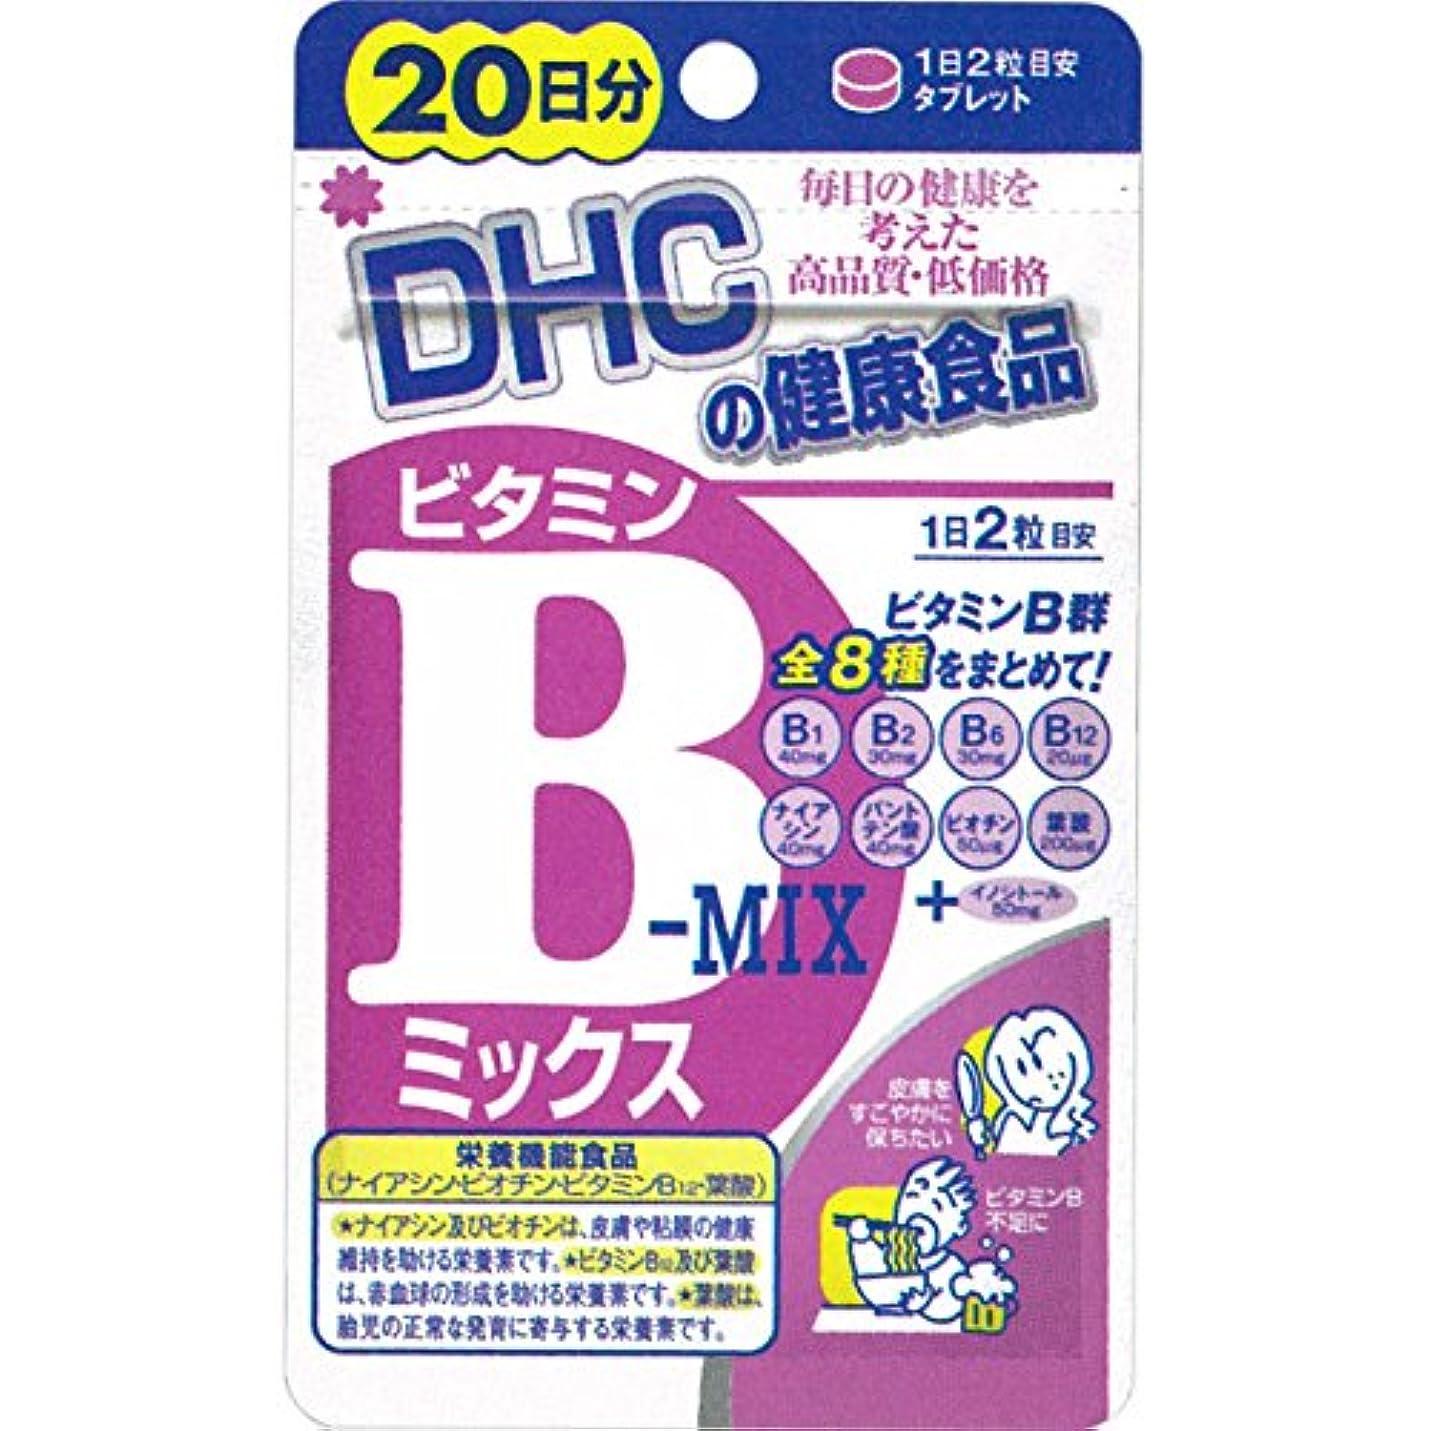 代わりのコミュニケーション動作DHC(ディーエイチシー) サプリメント DHC ビタミンB MIX 20日分